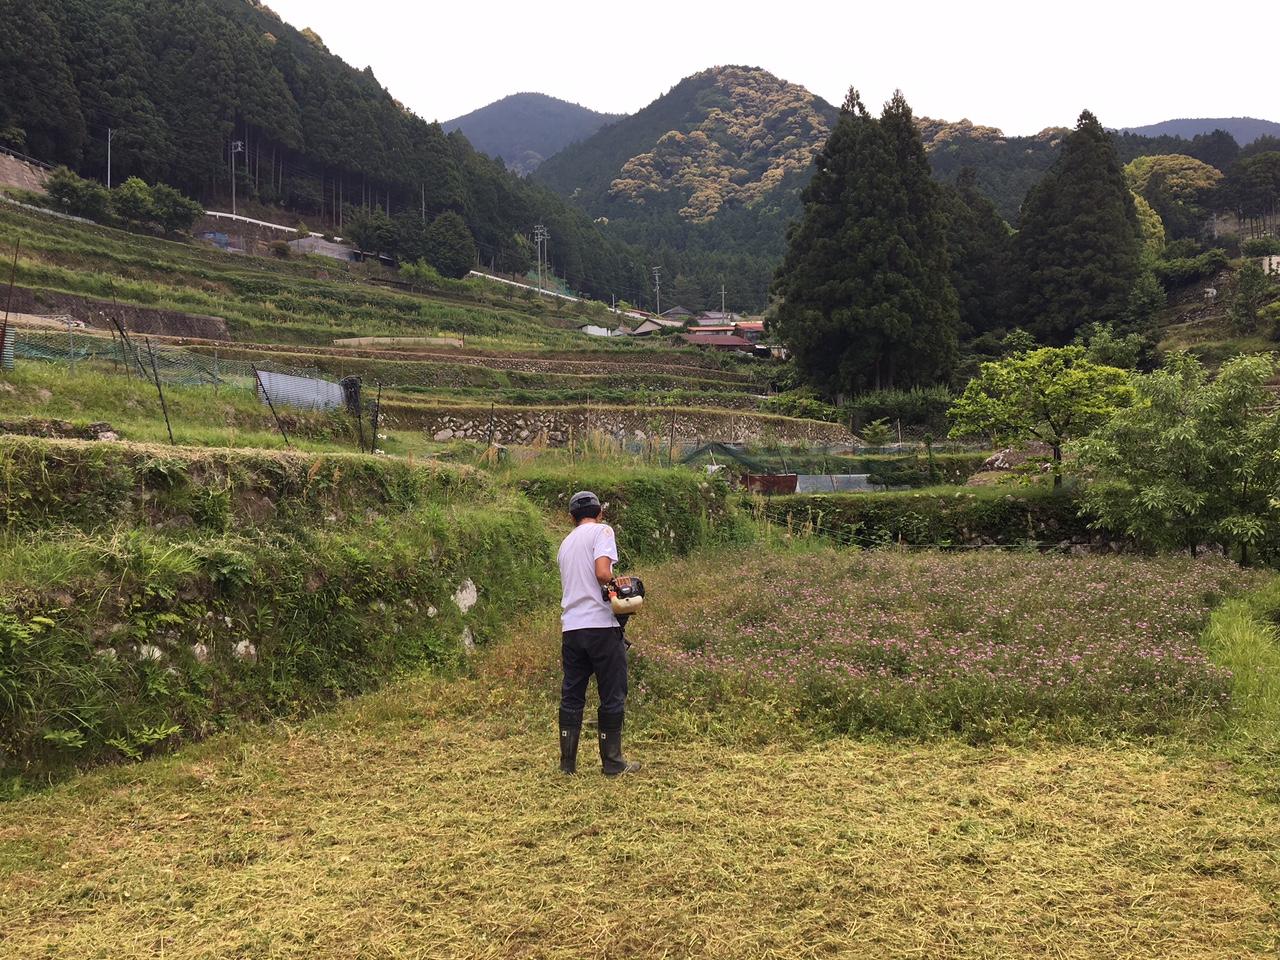 http://irokawamura.com/news/about/20170512d.jpg